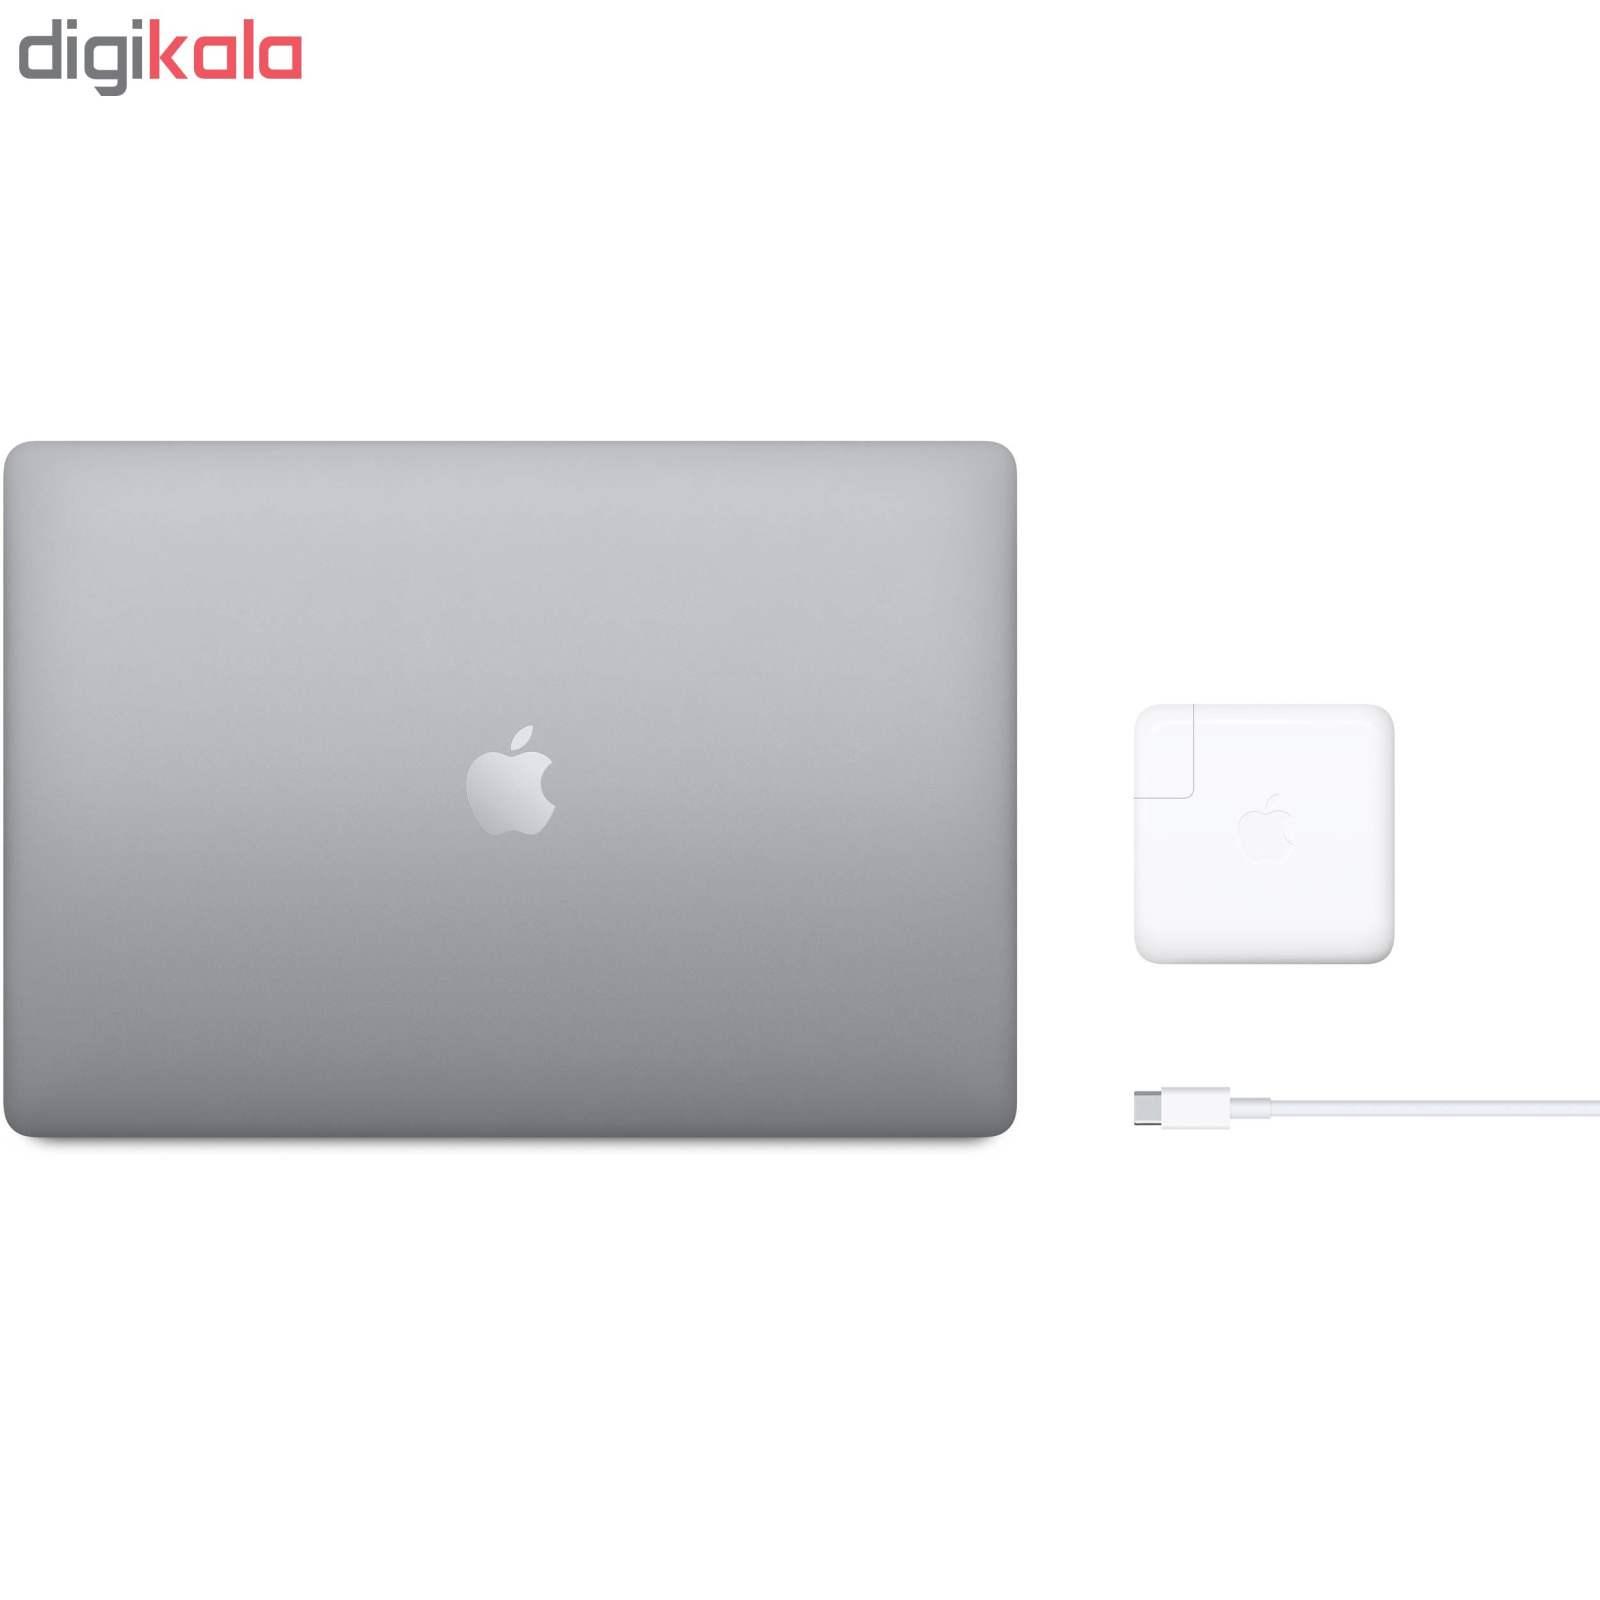 لپ تاپ 16 اینچی اپل مدل MacBook Pro MVVK2 2019 همراه با تاچ بار main 1 6